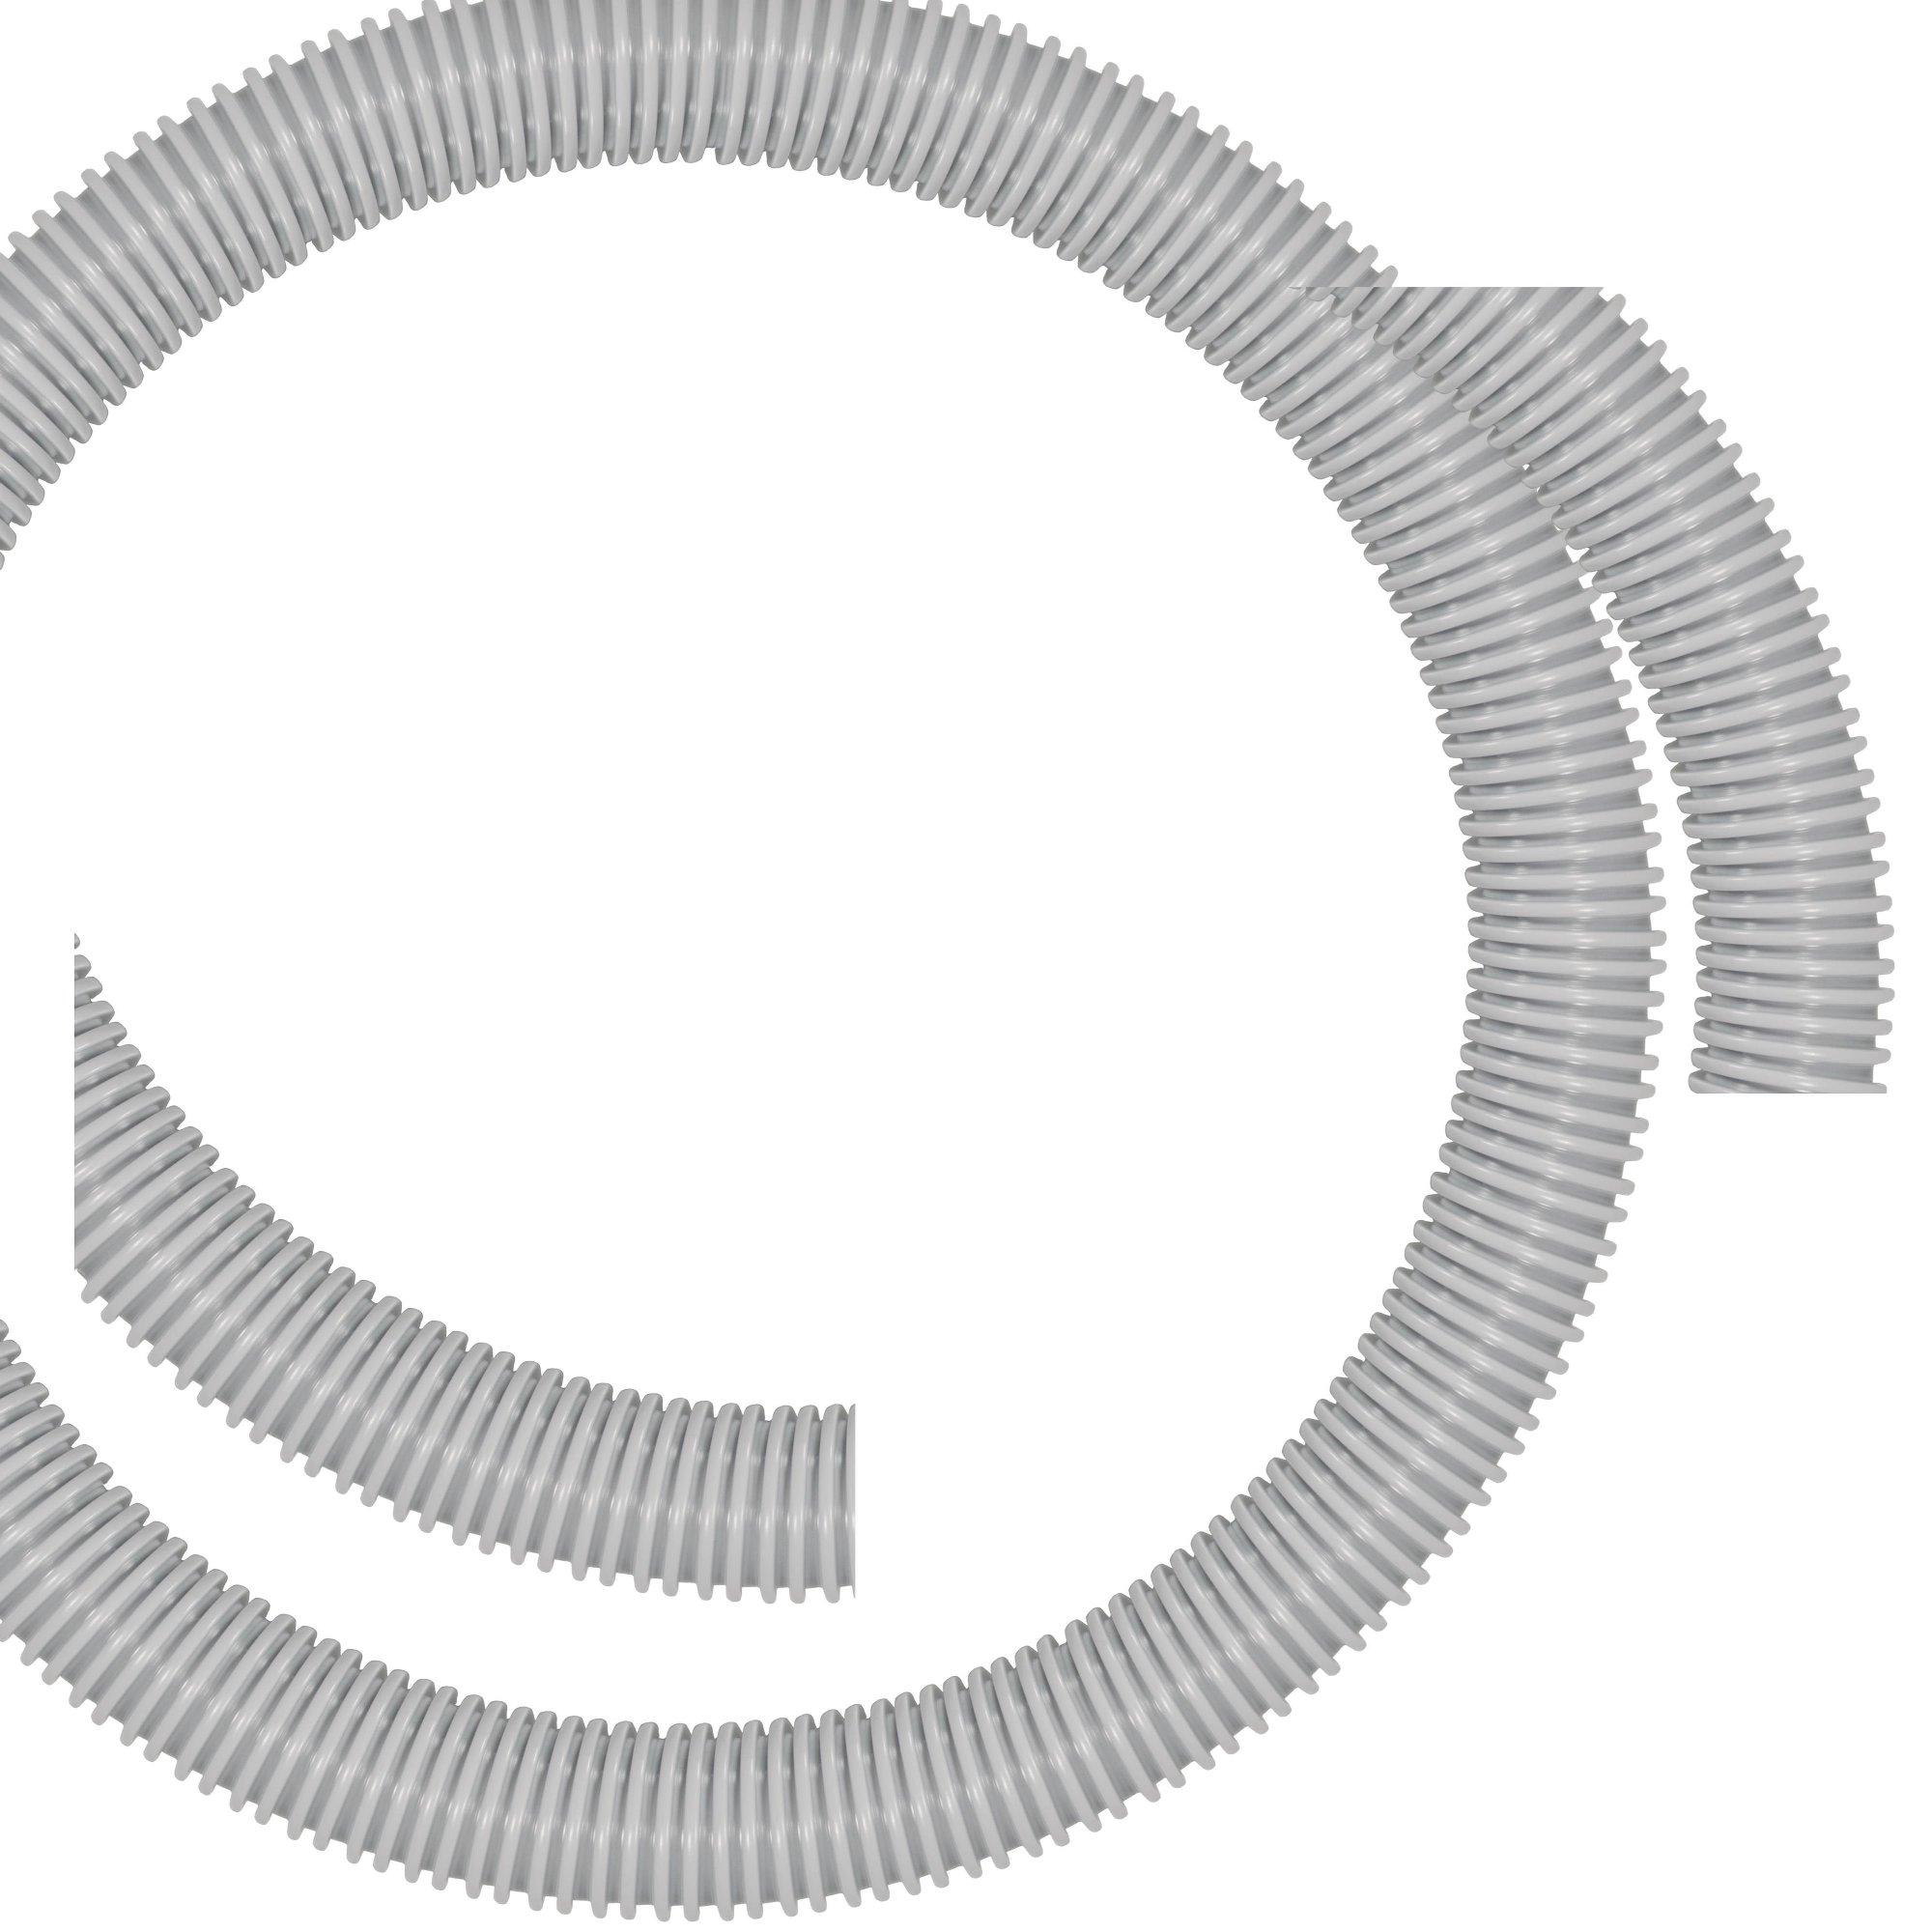 R+M de Wit Schlauch D=50mm, grau, Meterware Schlauch 50 mm grau Meterware | Max. Rollenlänge 20 M.